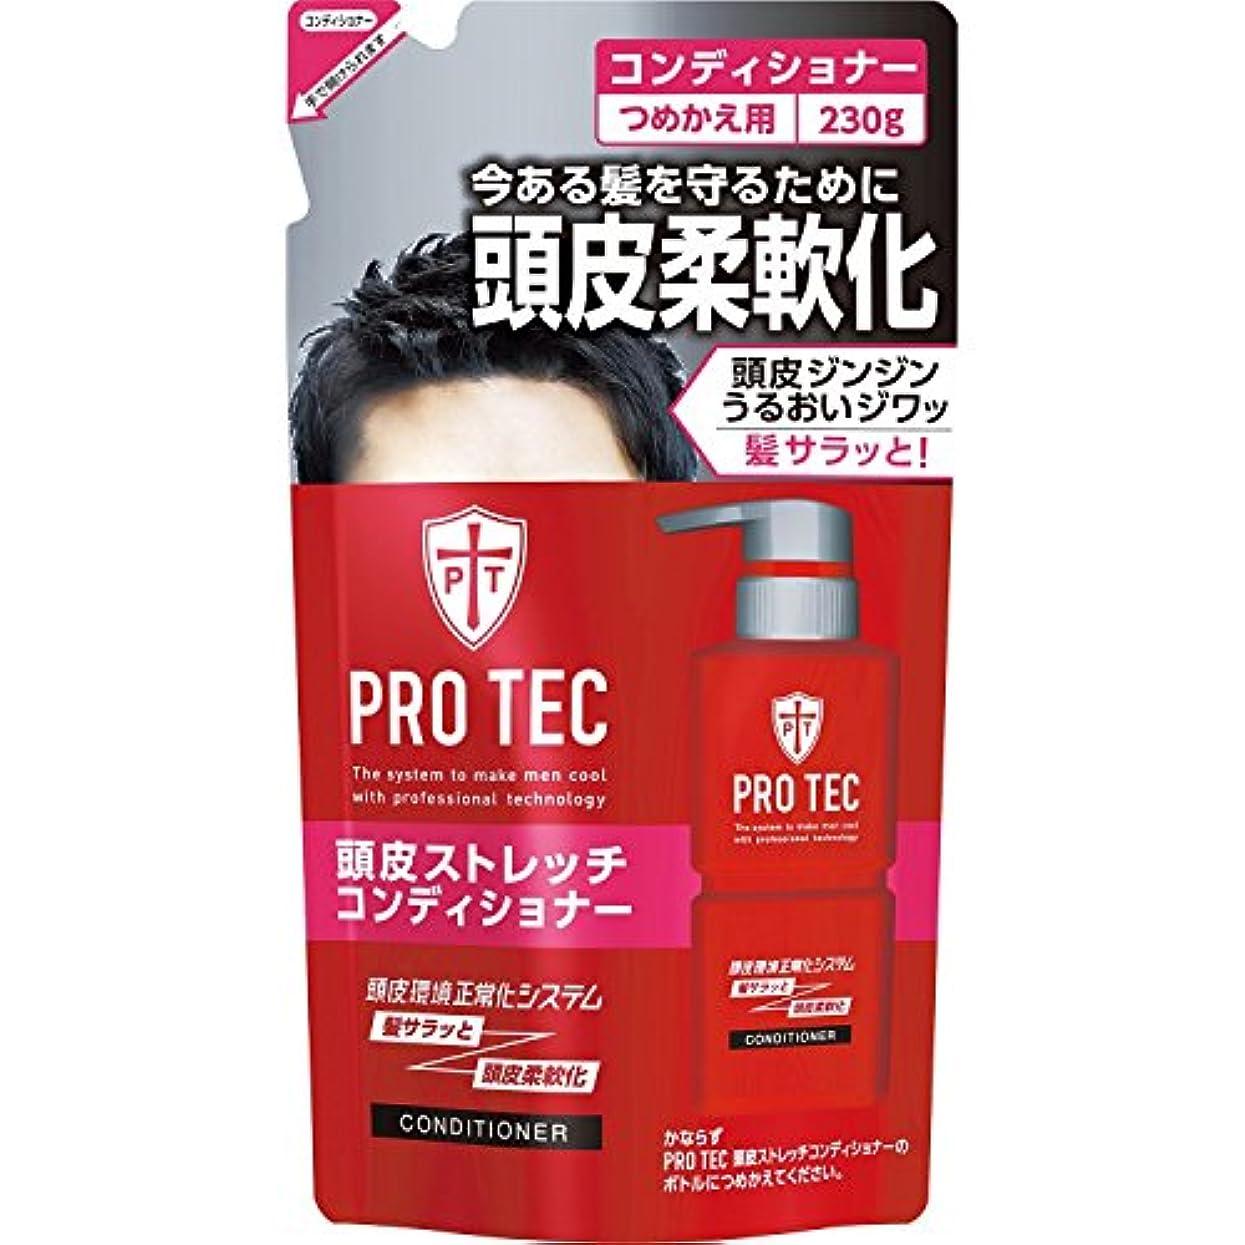 メタン意図的アサートPRO TEC(プロテク) 頭皮ストレッチコンディショナー つめかえ用 230g ×10個セット